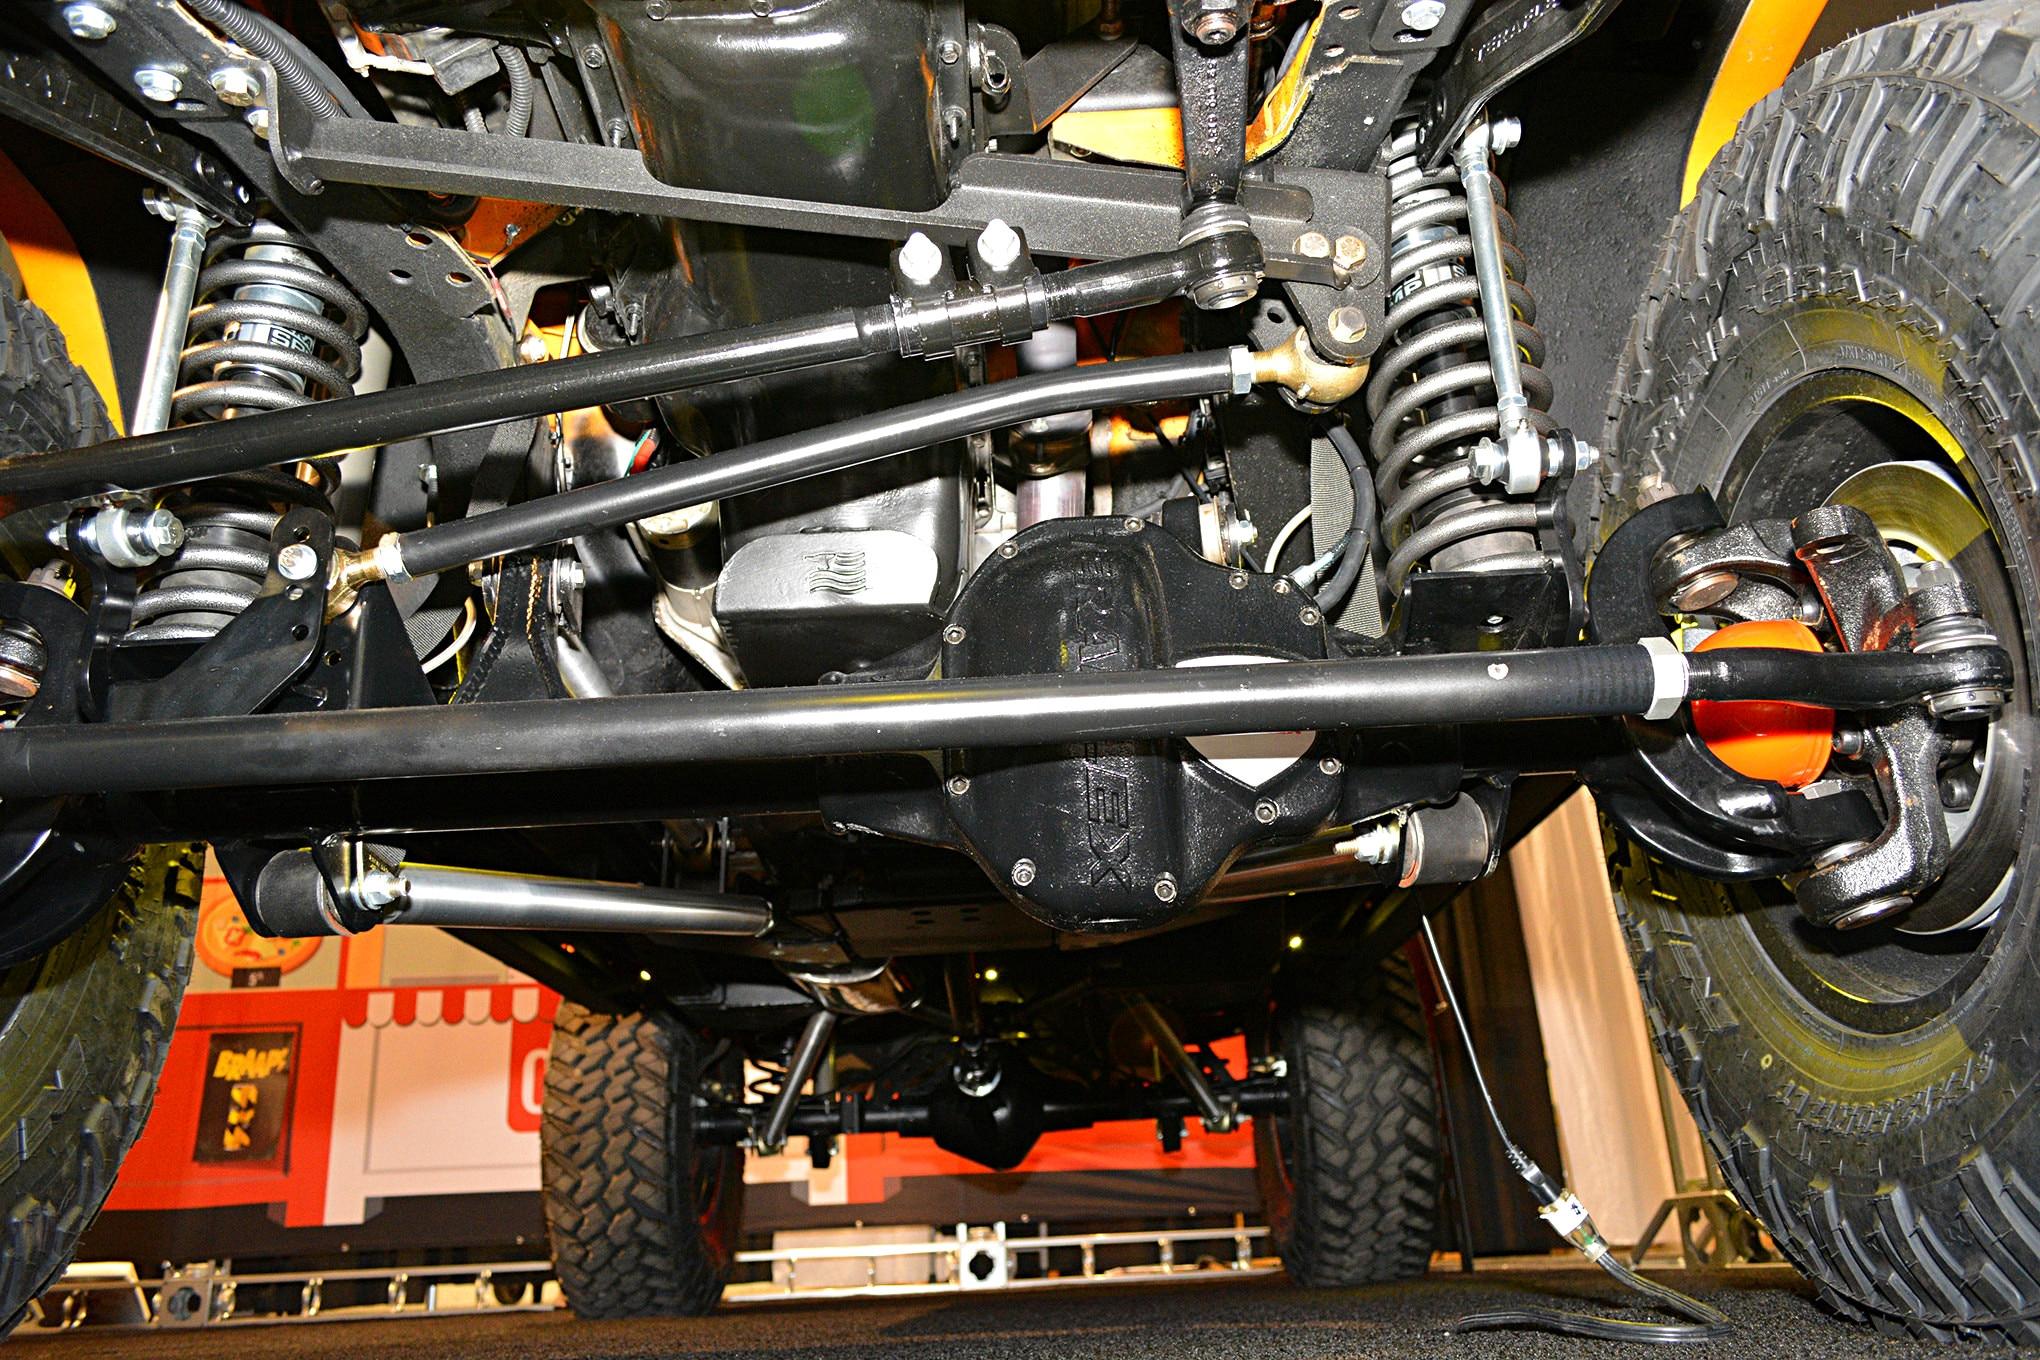 sema jeep mini feature comanche front axle.JPG